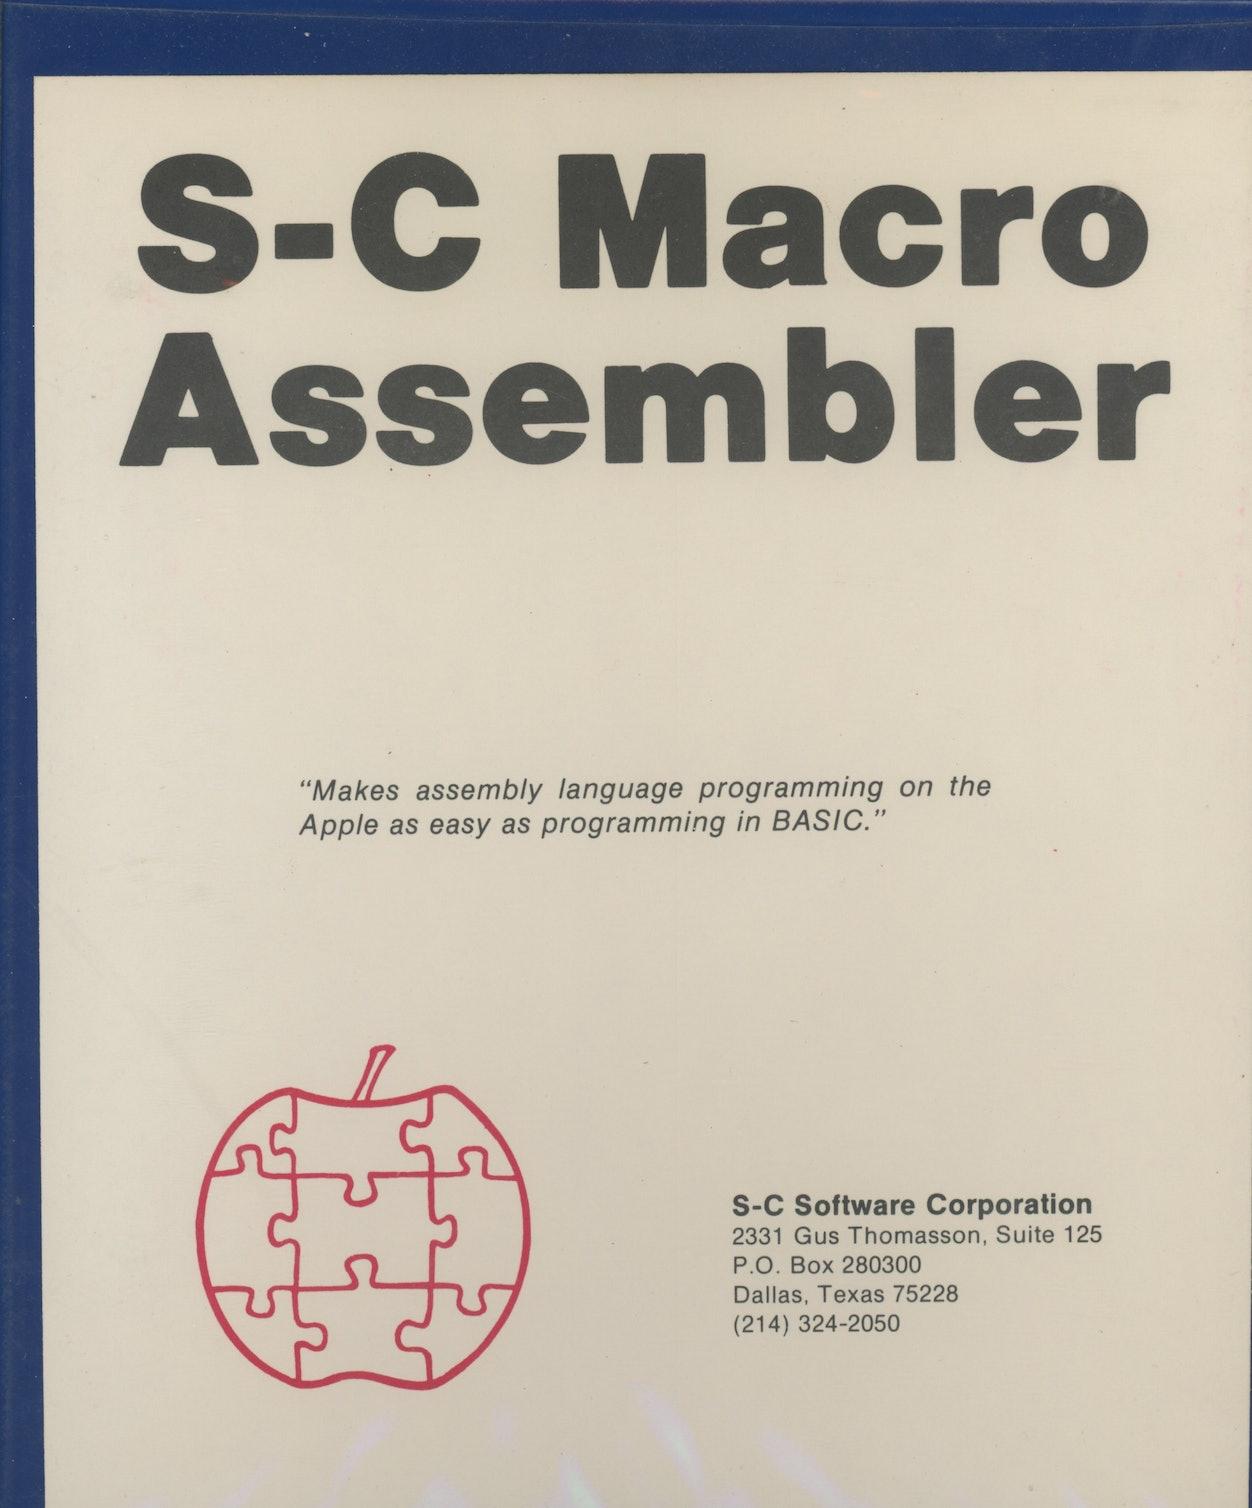 S-C Macro Assembler